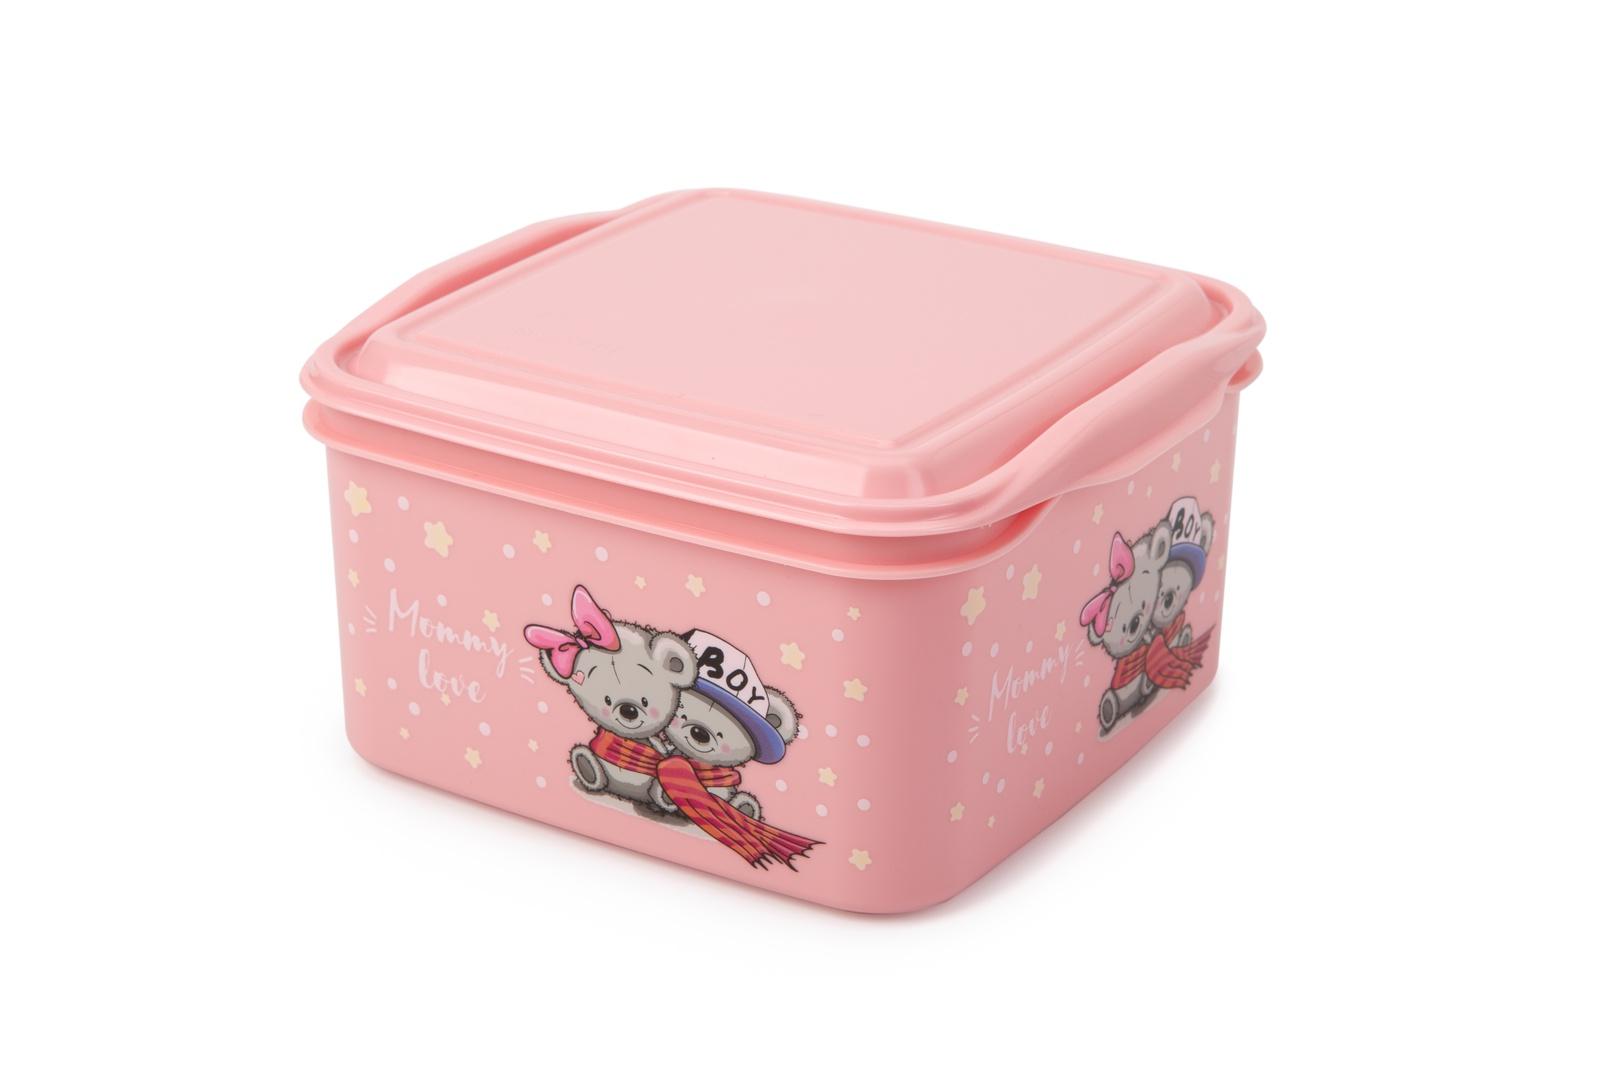 Контейнер пищевой Berossi Mommy Love, ИК 48863000, розовый салатник berossi domino twist цвет снежно белый 0 7 л